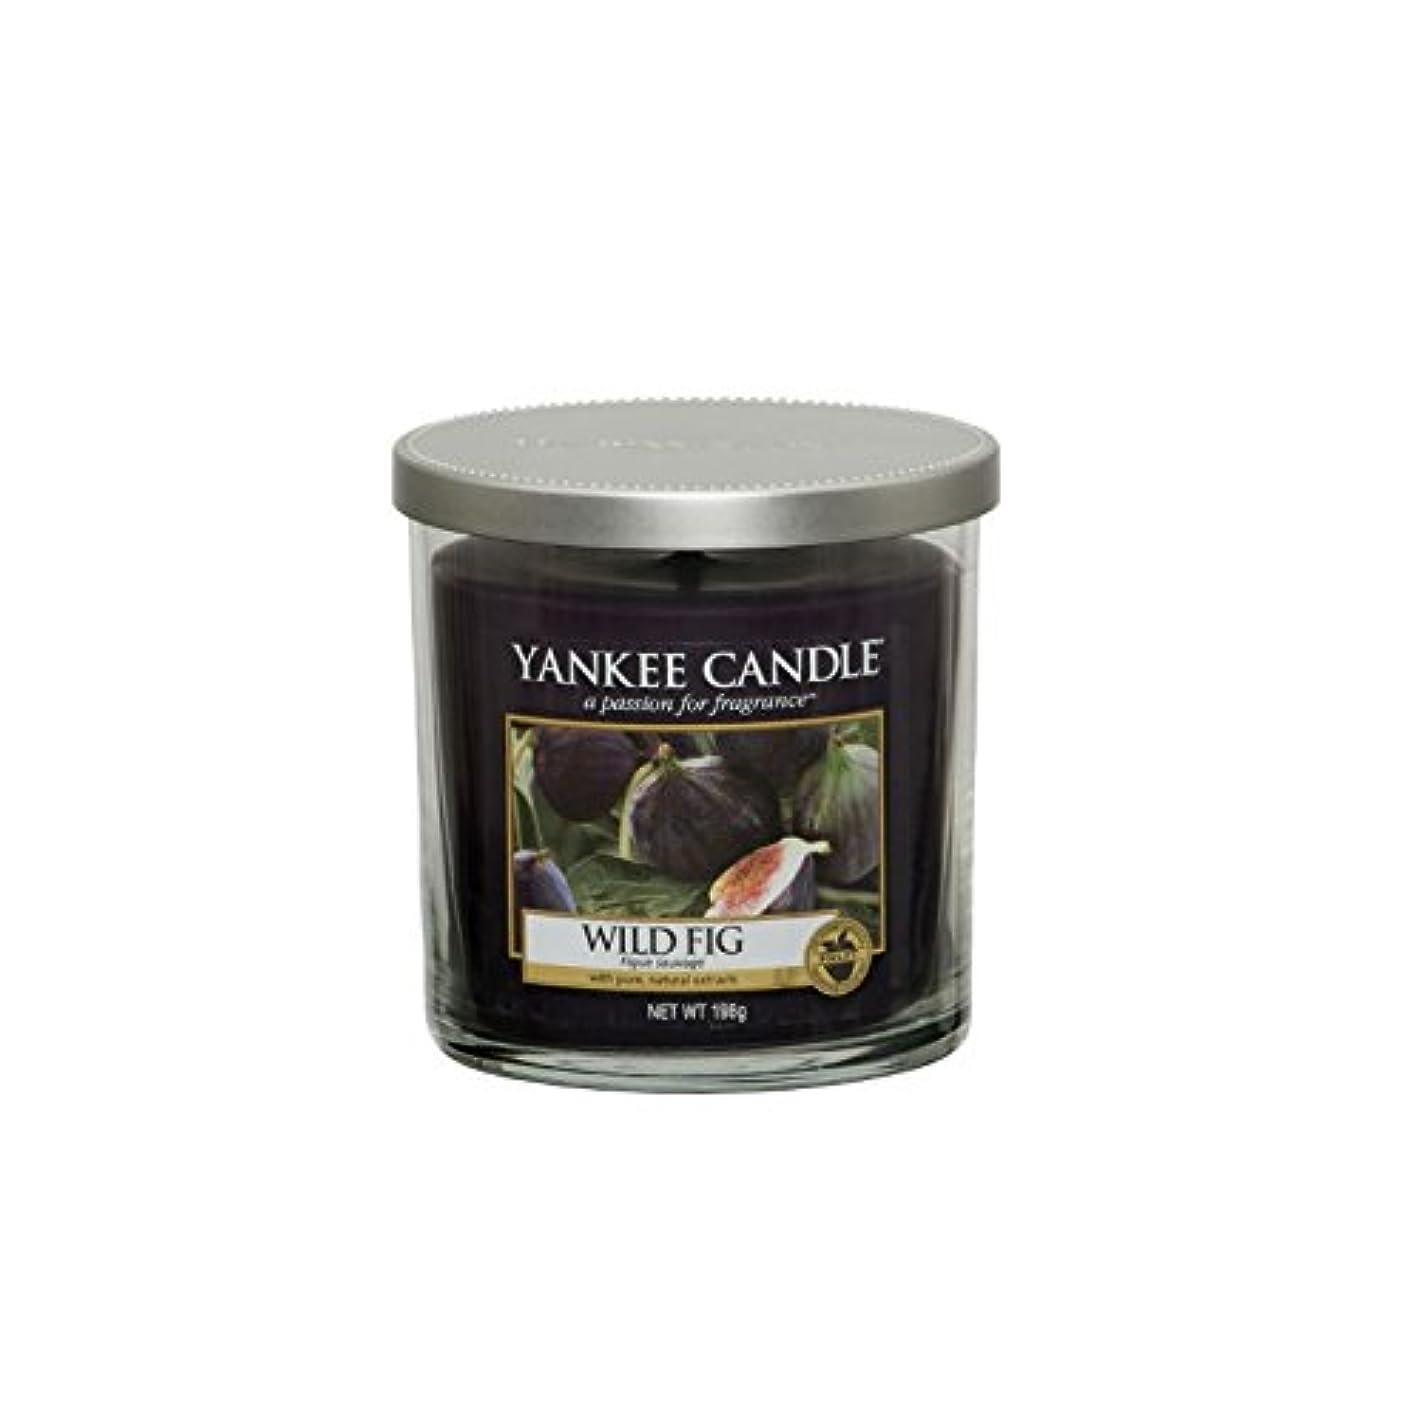 マラソン落ちたホールドオールヤンキーキャンドルの小さな柱キャンドル - 野生のイチジク - Yankee Candles Small Pillar Candle - Wild Fig (Yankee Candles) [並行輸入品]